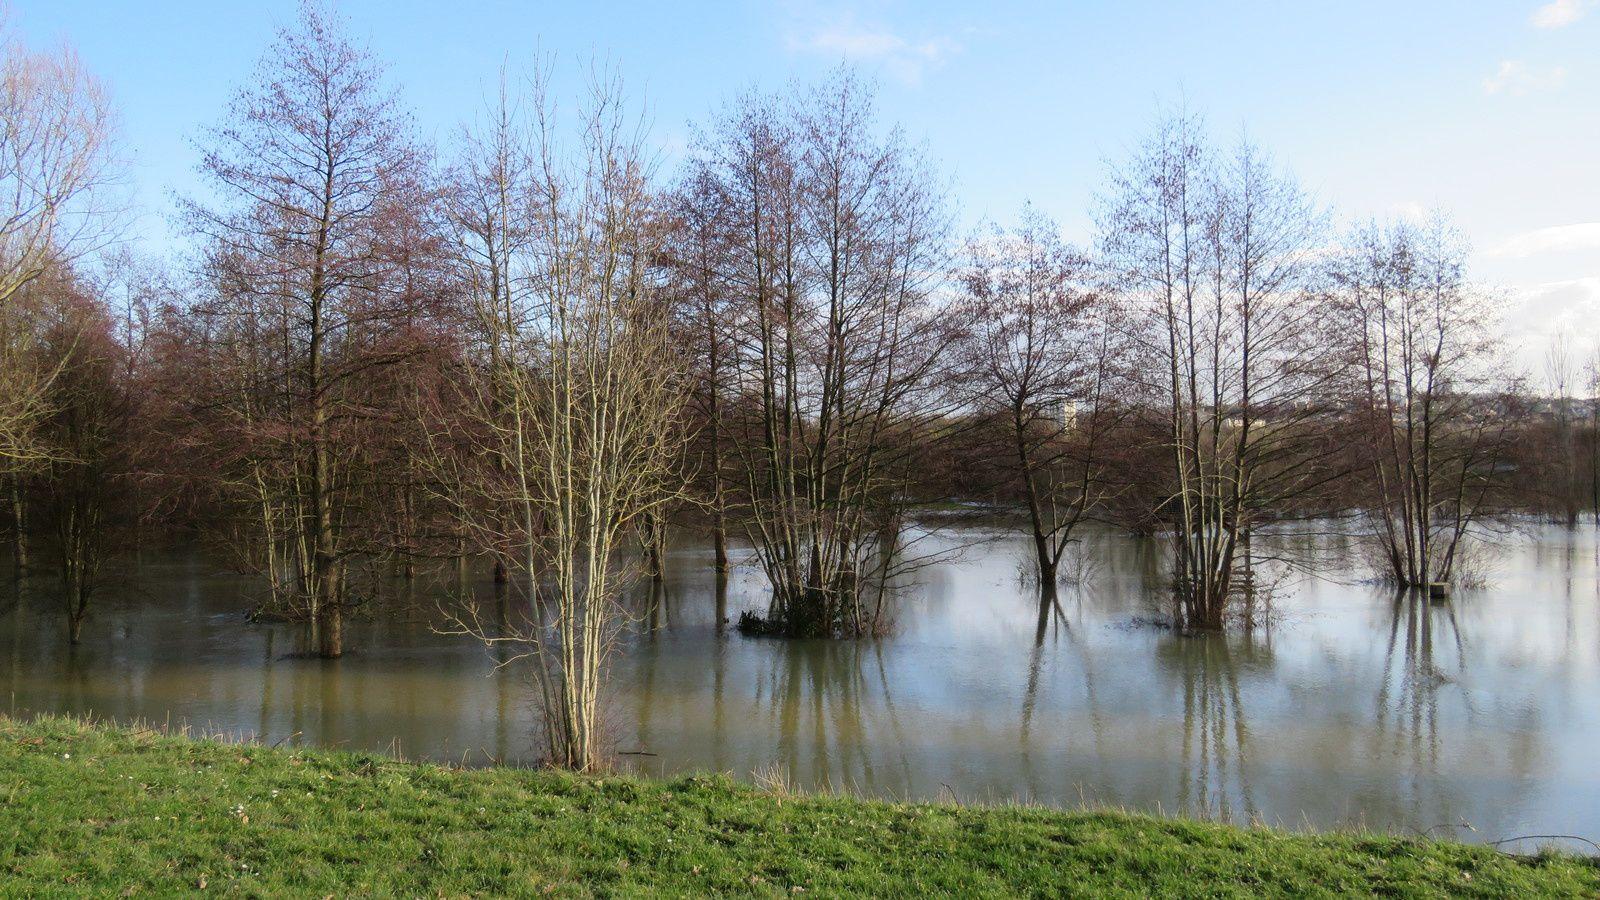 351 - Un parc Natura 2000 inondé, comme les habitations ! : 02/02/2018